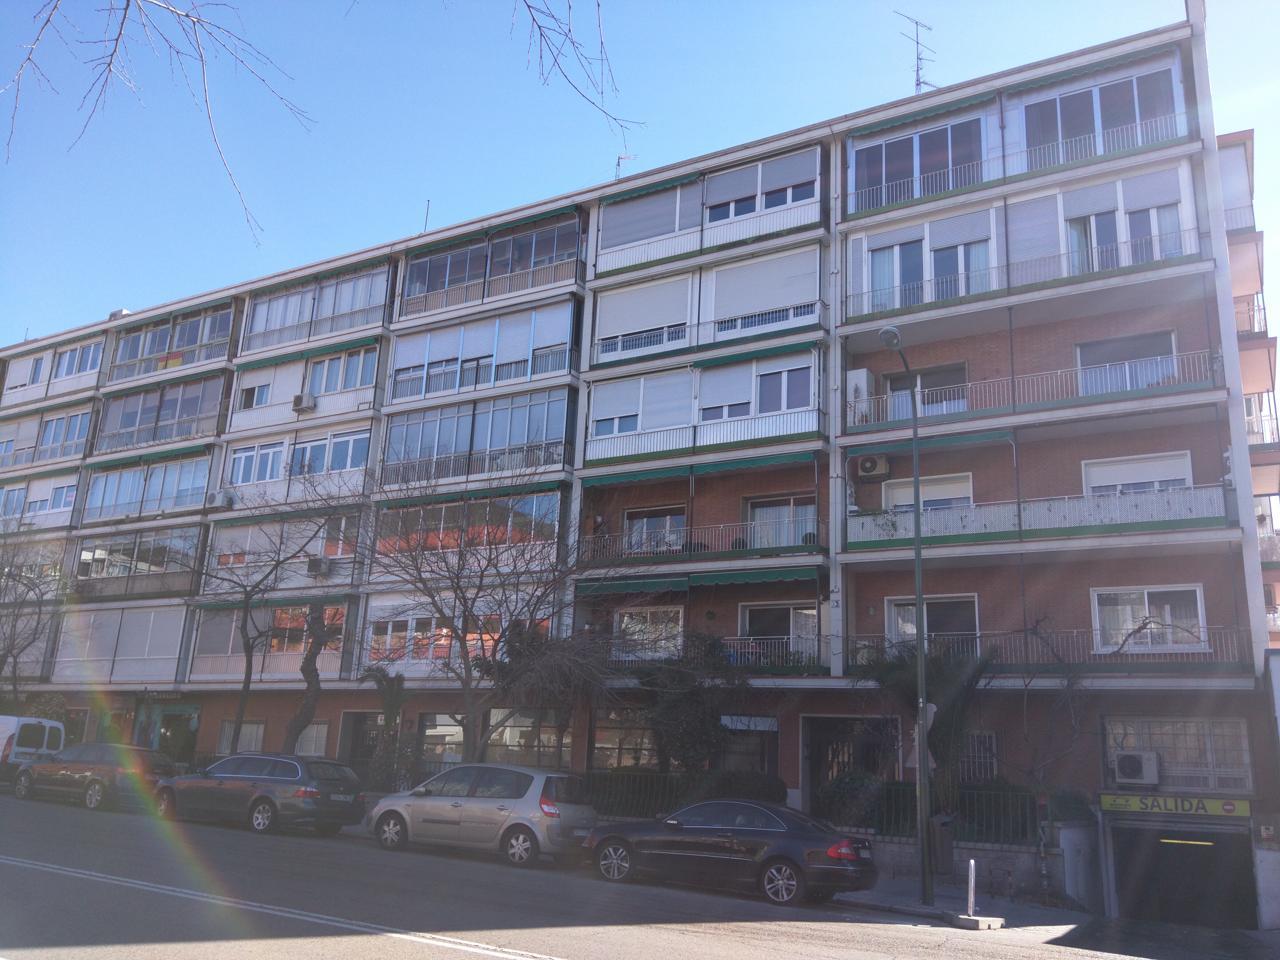 Vivienda madrid piso en paseo de la habana 62 madrid madrid de 89 m2 - Pisos paseo de la habana ...